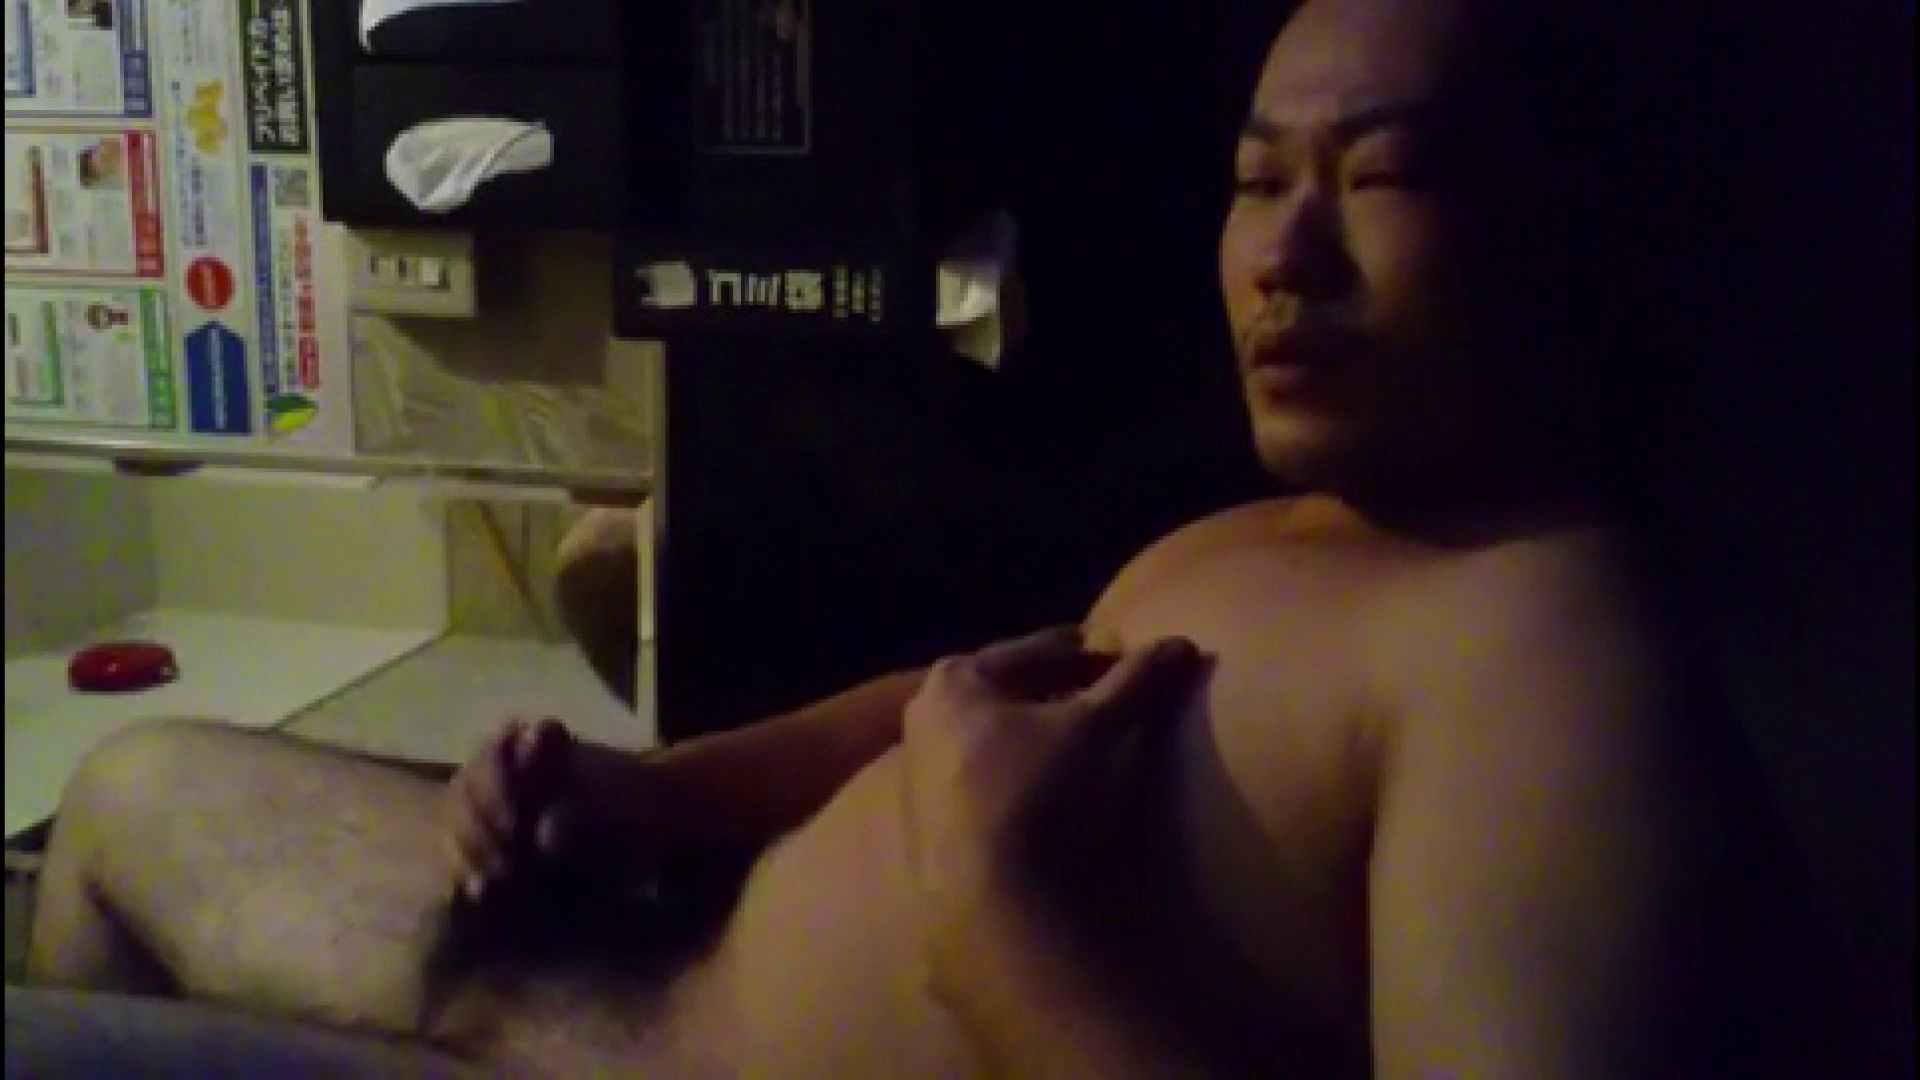 個人撮影 自慰の極意 Vol.24 無修正 ゲイセックス画像 59pic 57